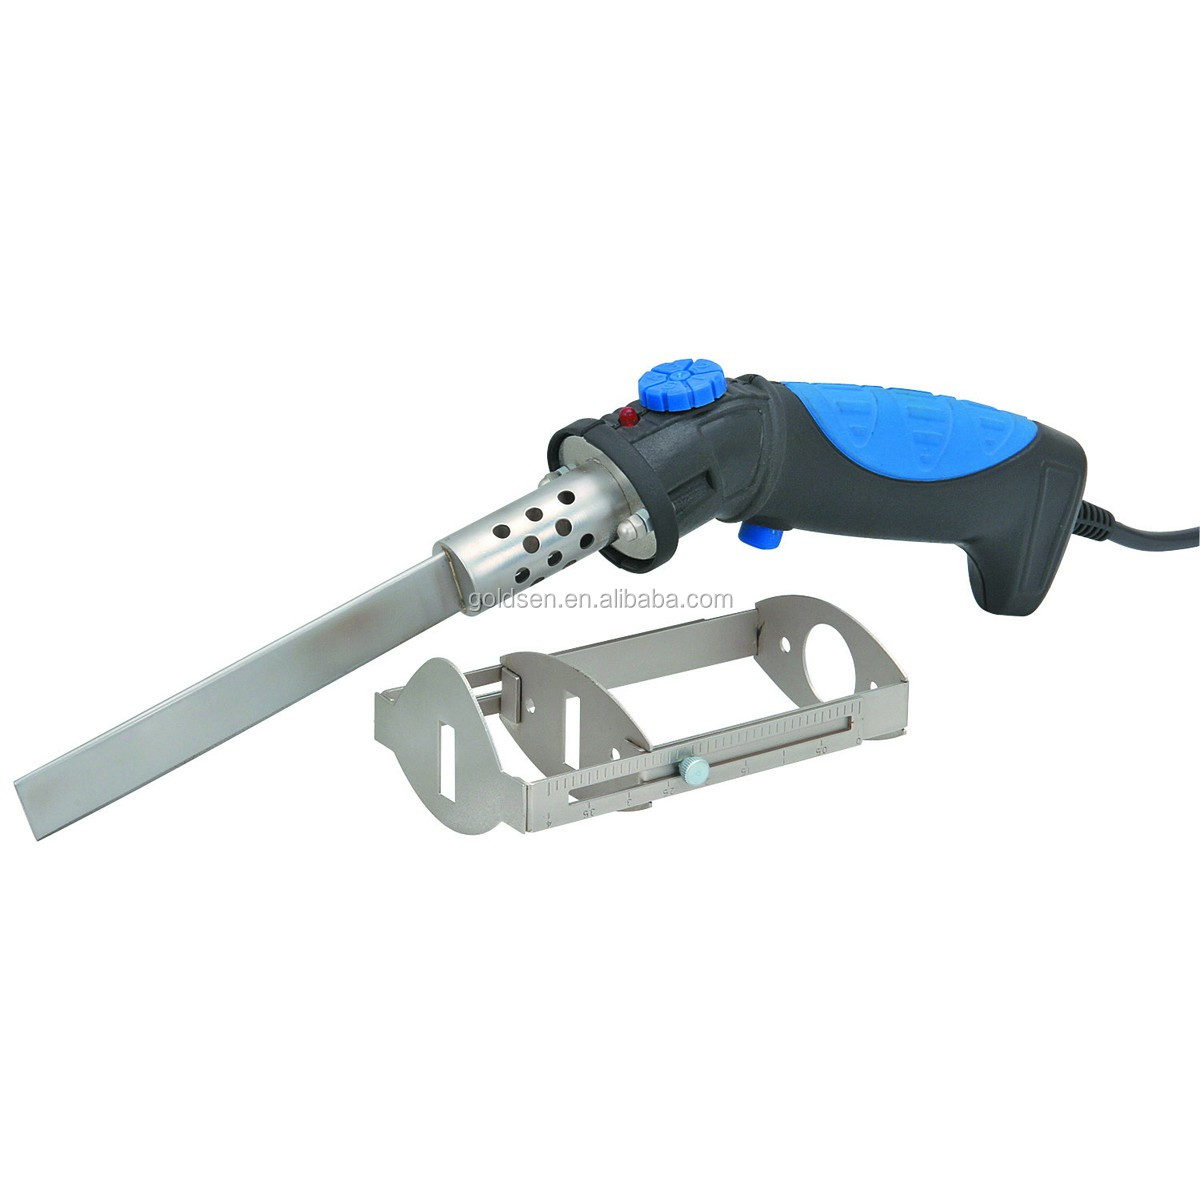 150w 120v Heavy Duty Eps Foam Knife Cutting Tool Cutter